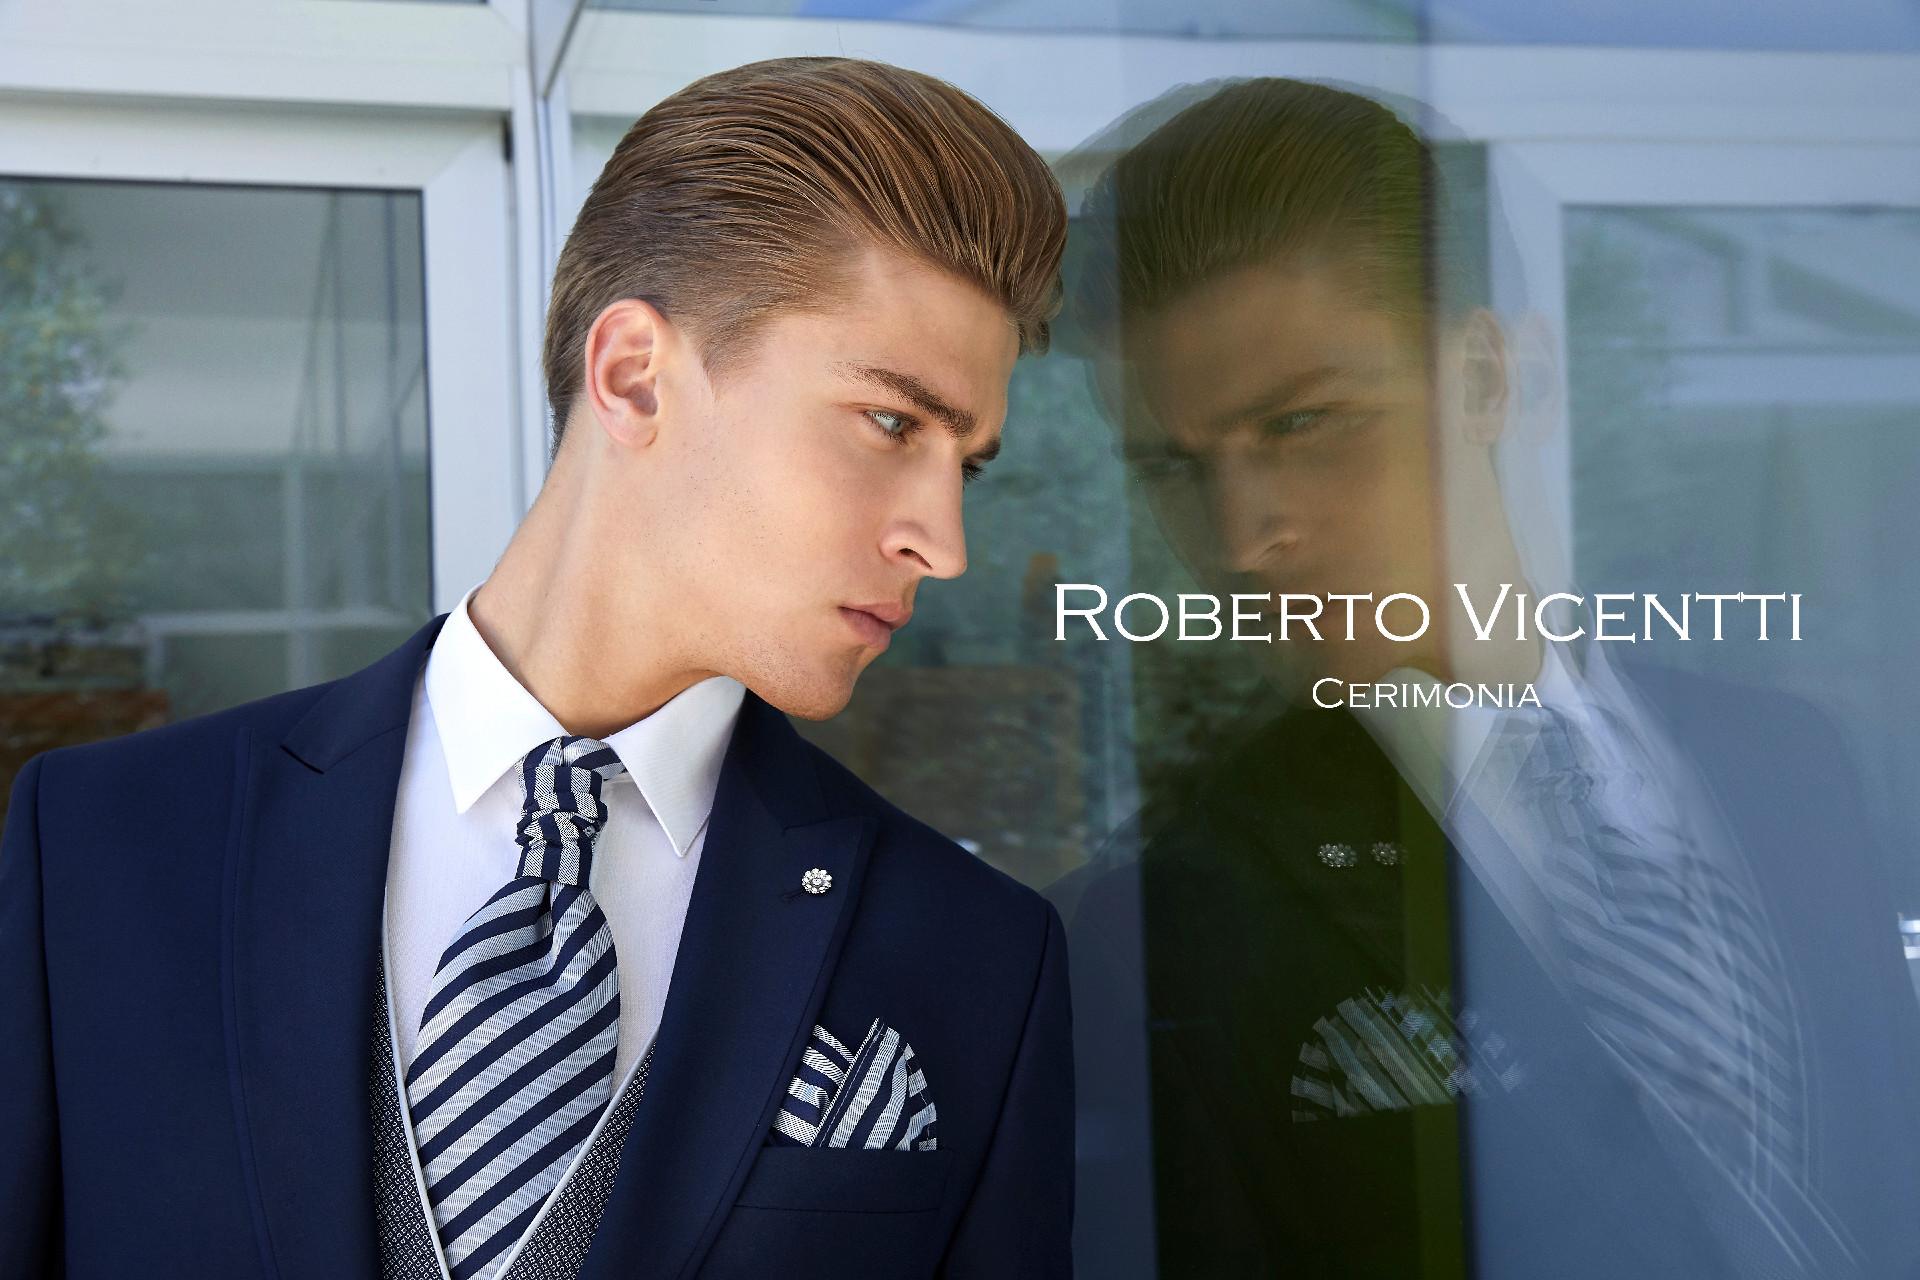 Trajes de ceremonia Roberto Vicentti RV1_3